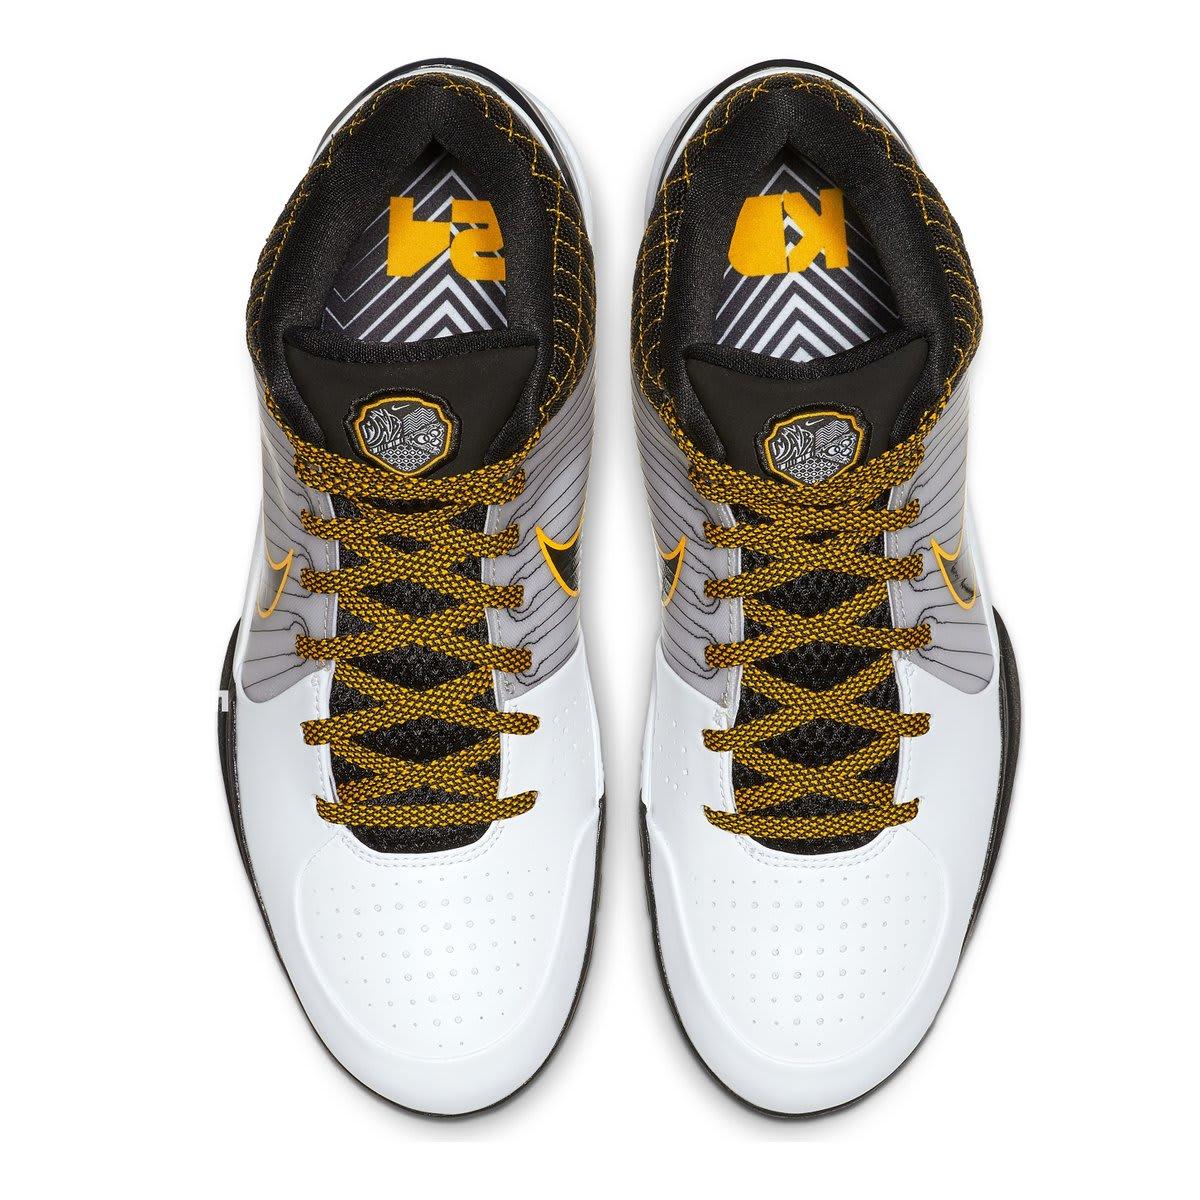 Nike Zoom Kobe 4 Protro 'Del Sol POP' (Top)